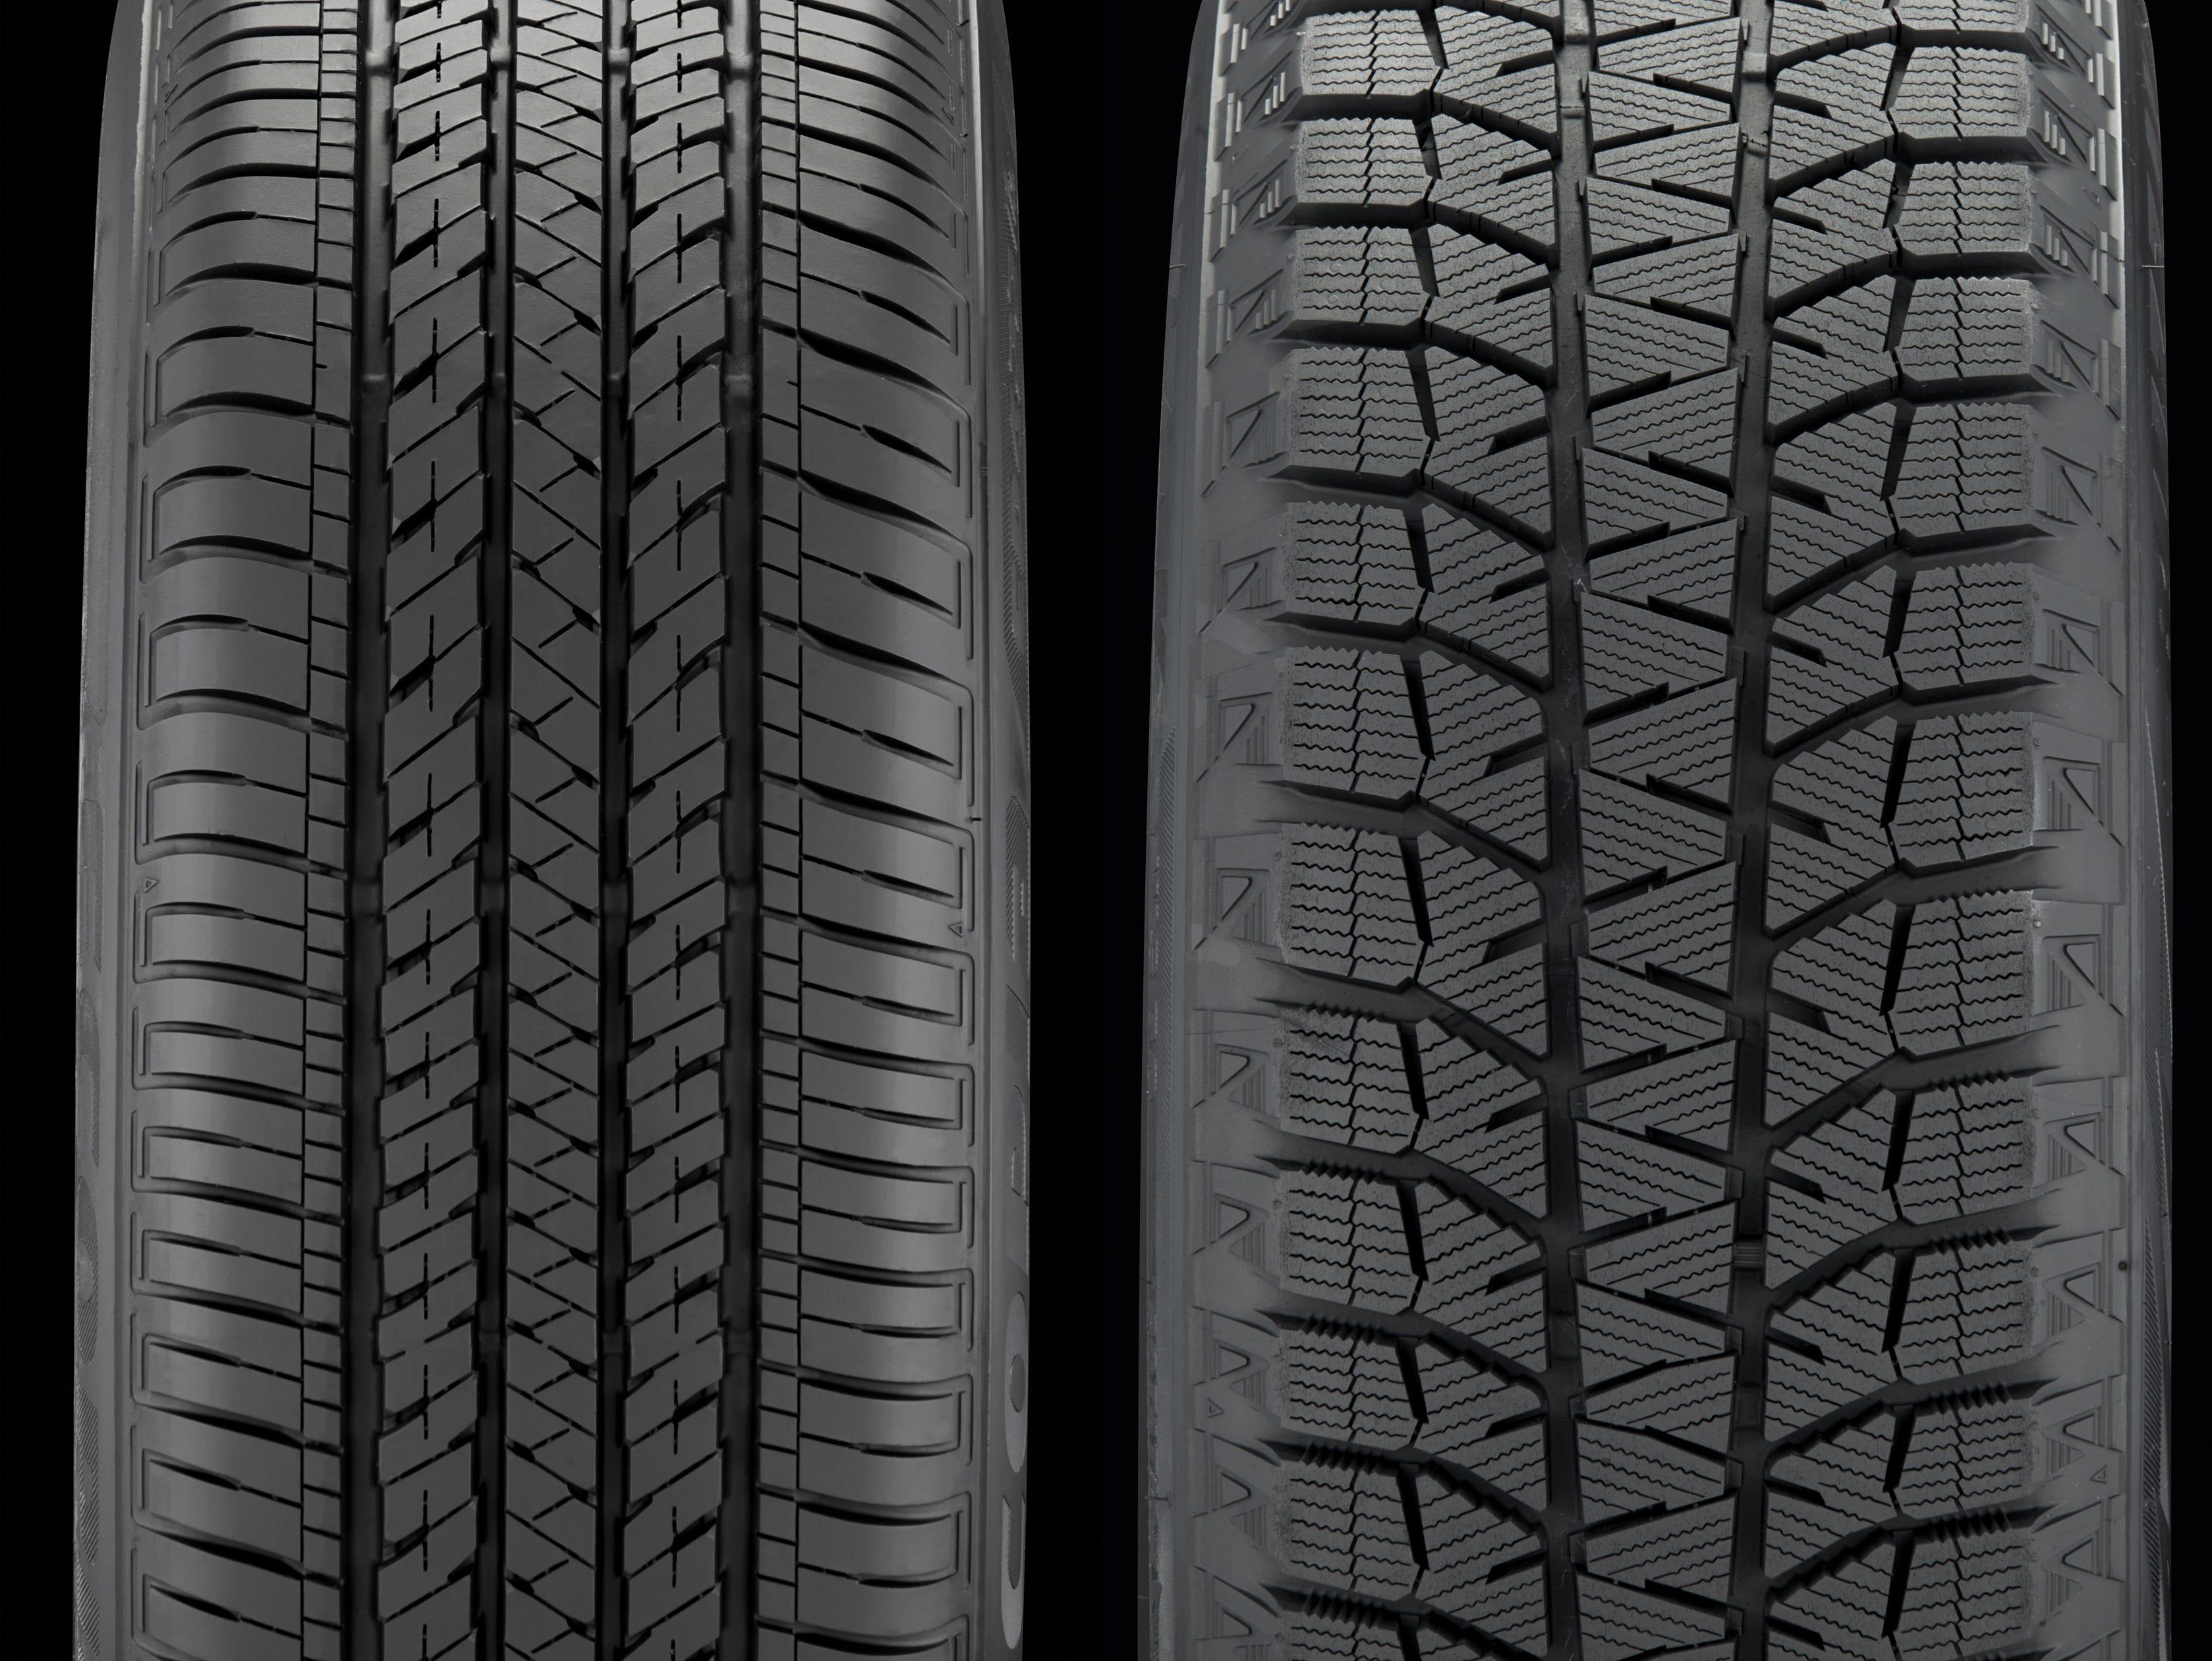 Bridgestone standard tire Ecopia EP422, left, and snow tire Blizzak Ws80, right.